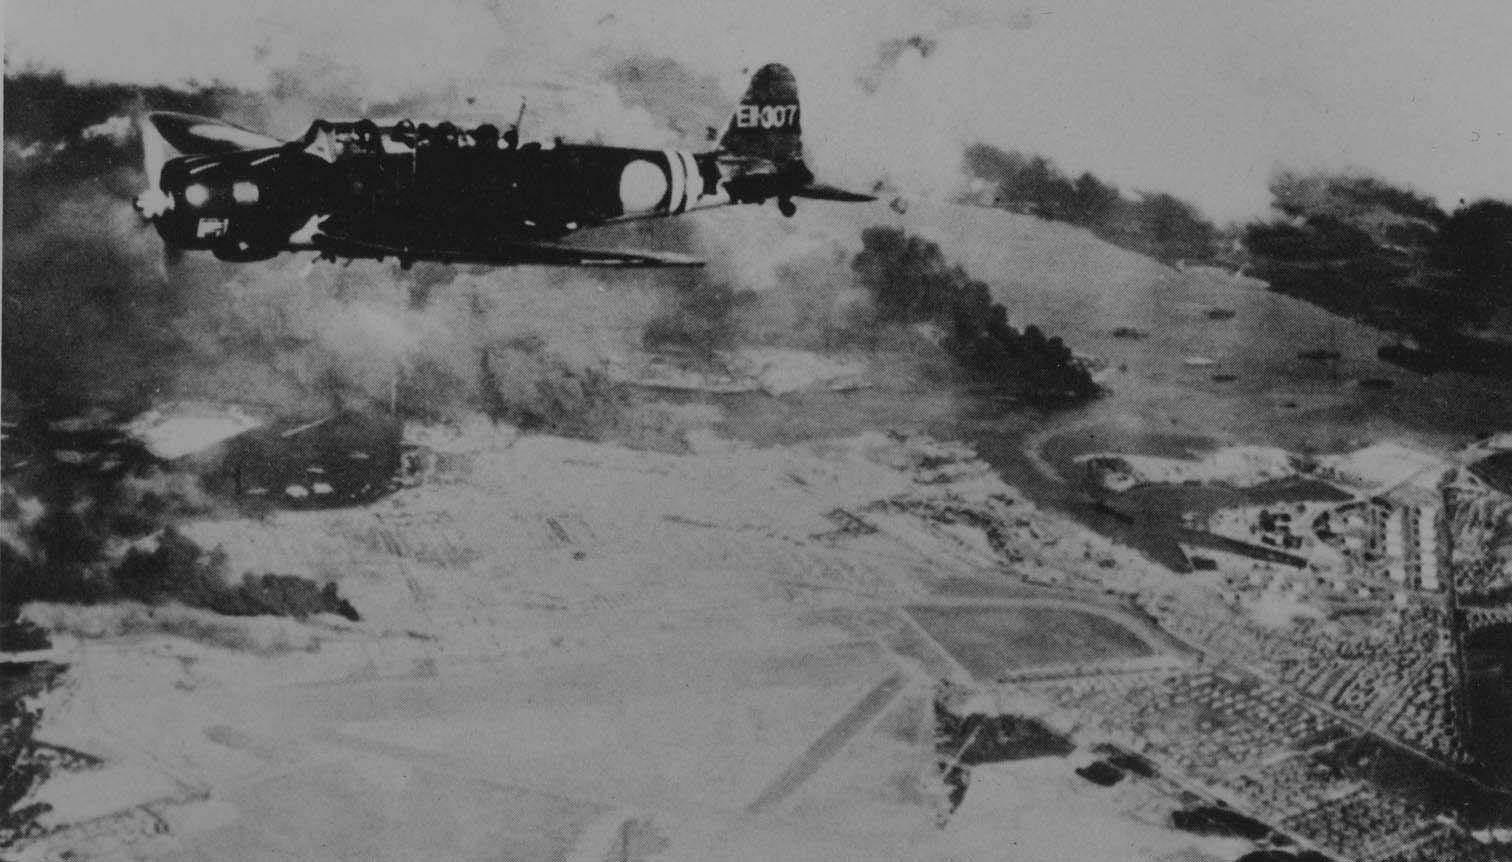 B5n Pearlharbor 45af S 191k